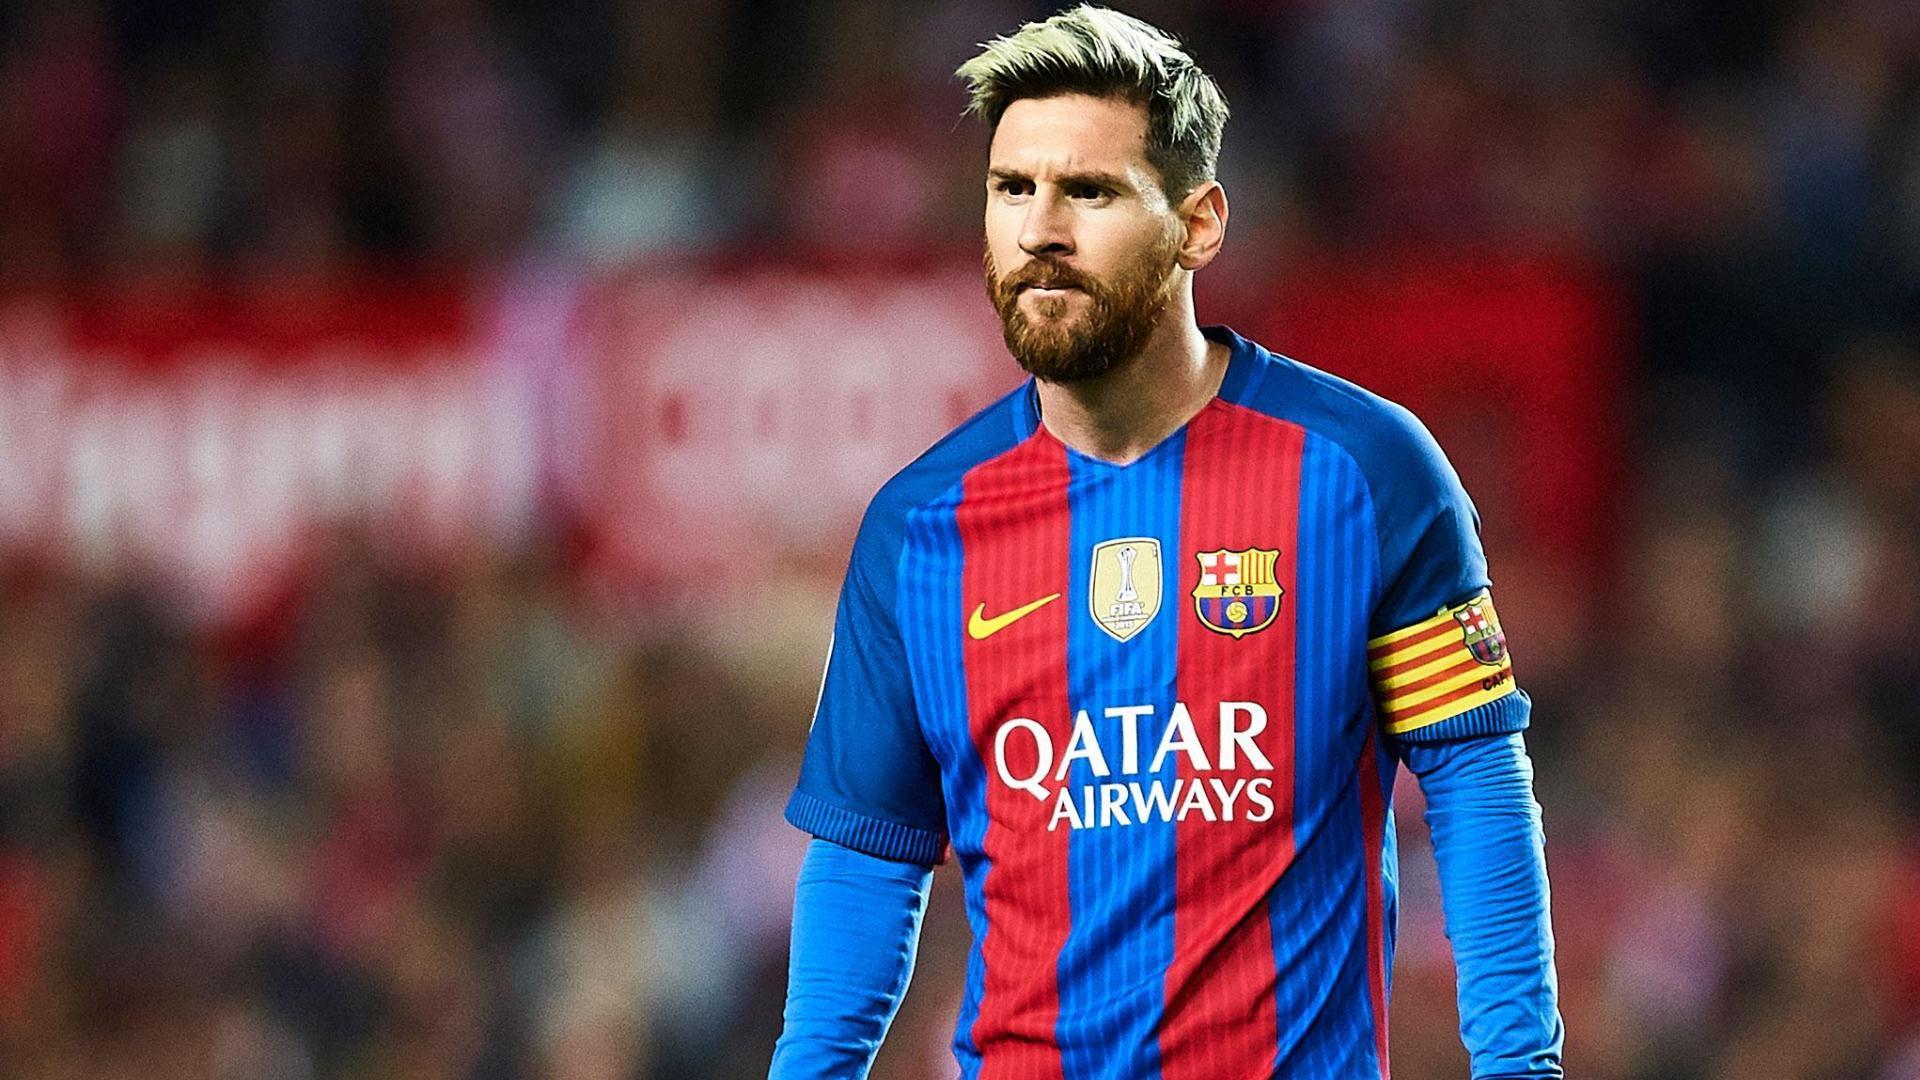 Nu e prima dată când Messi vrea să plece de la Barcelona! Ce s-a întâmplat în 2012. Sursă foto: goal.com